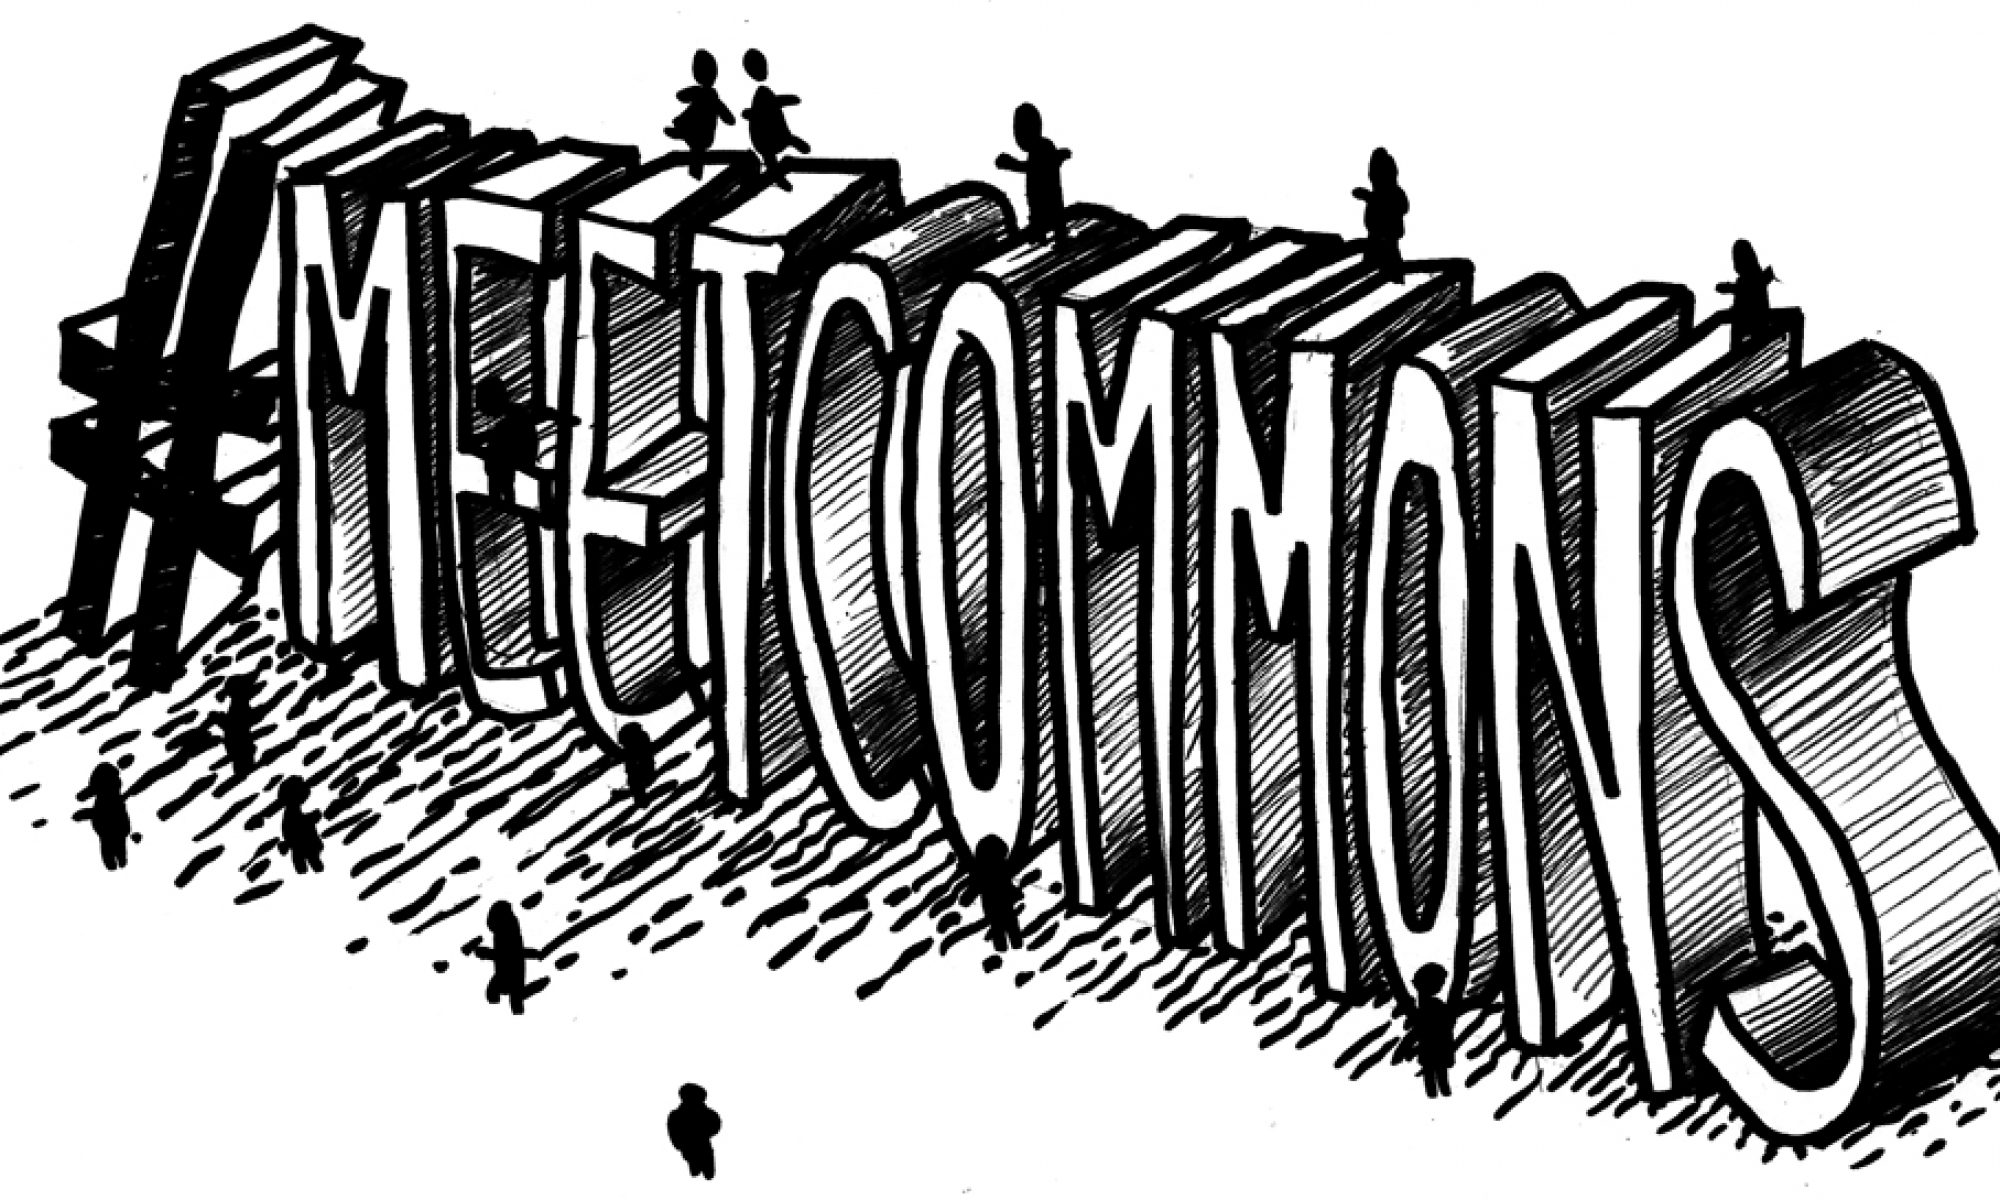 #meetcommons